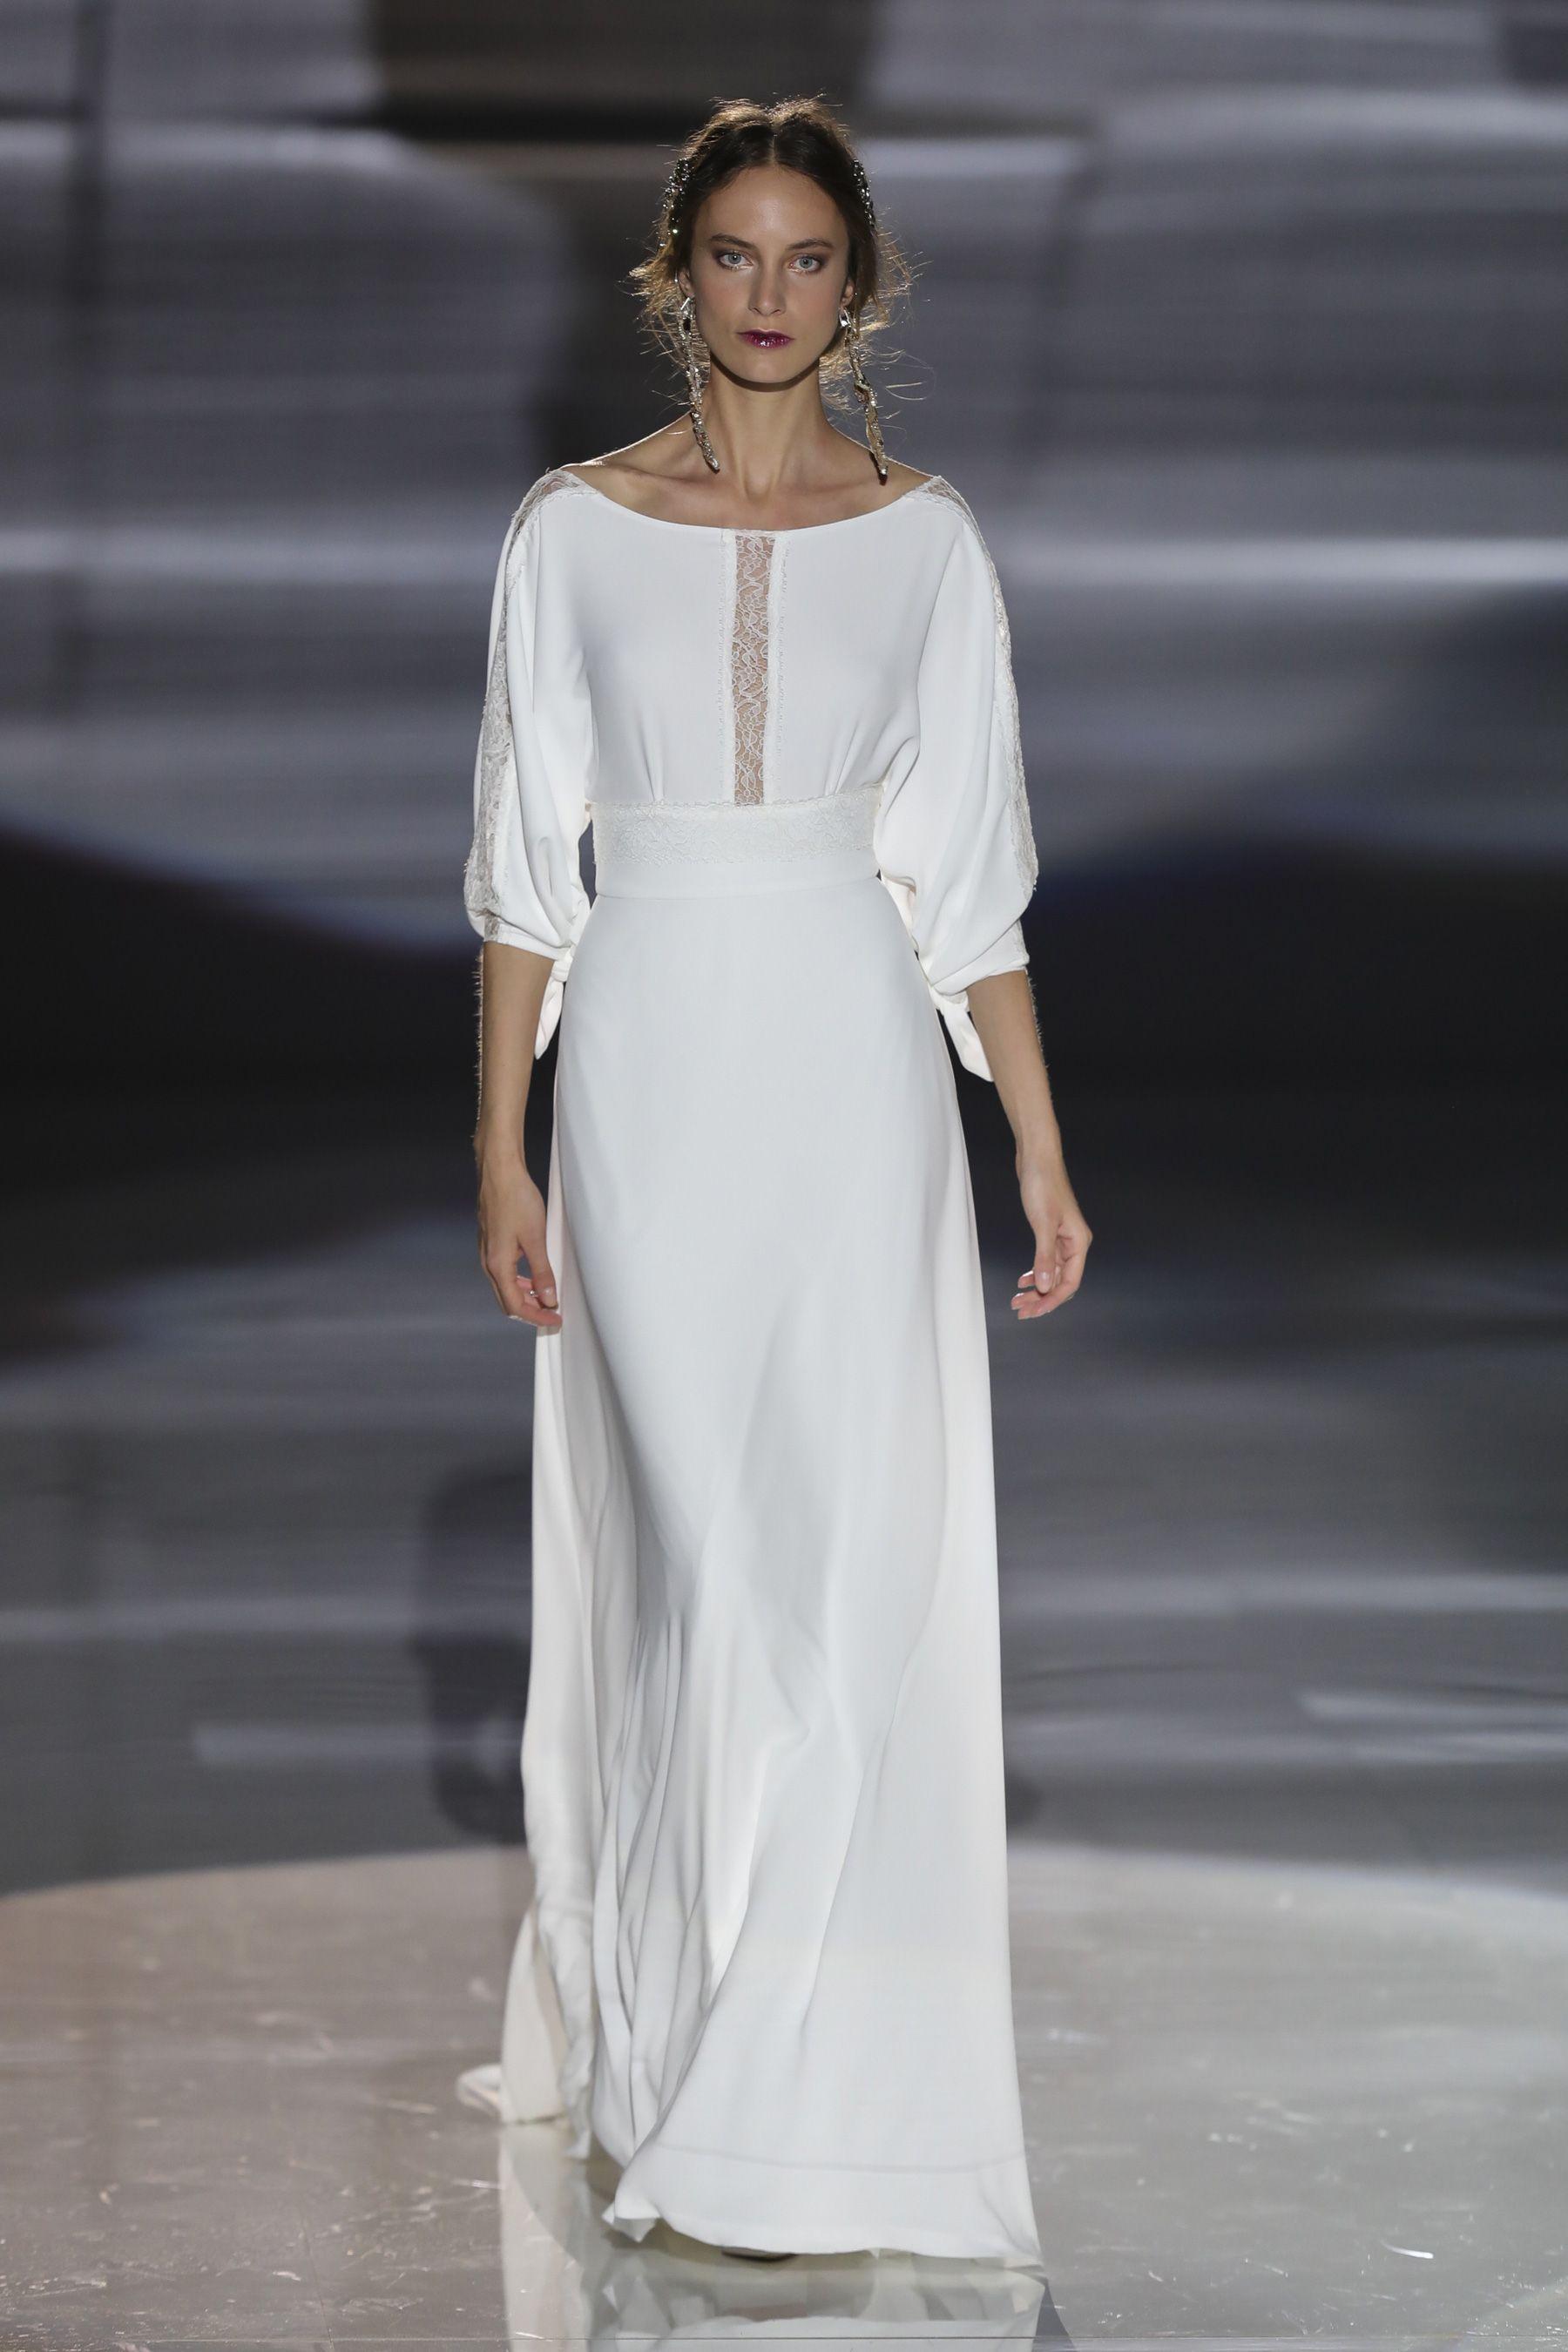 Jesus Peiro Spring 2018 Bridal Fashion Show - The Impression ...